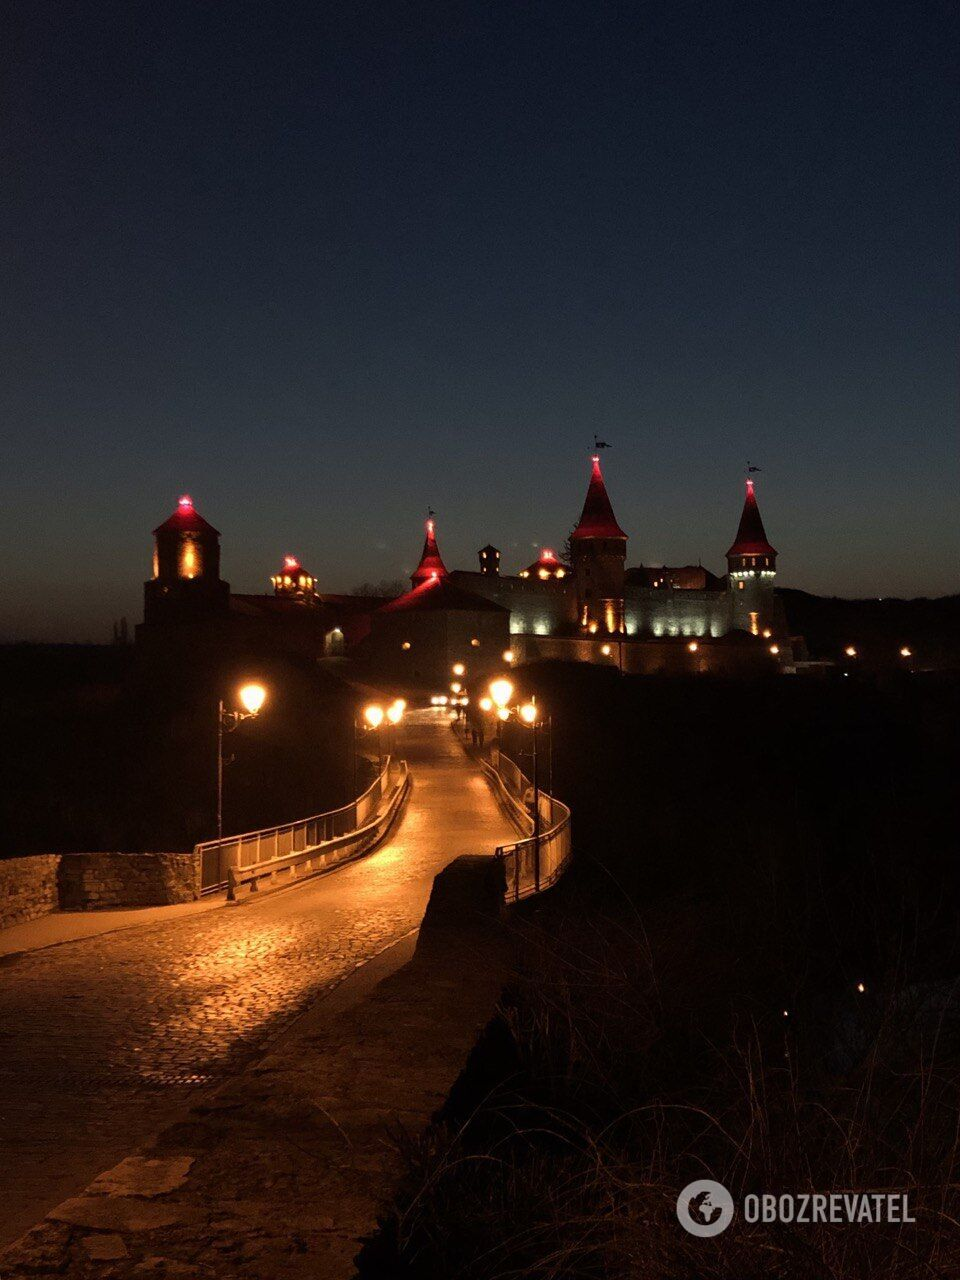 Особенно красива крепость ночью.